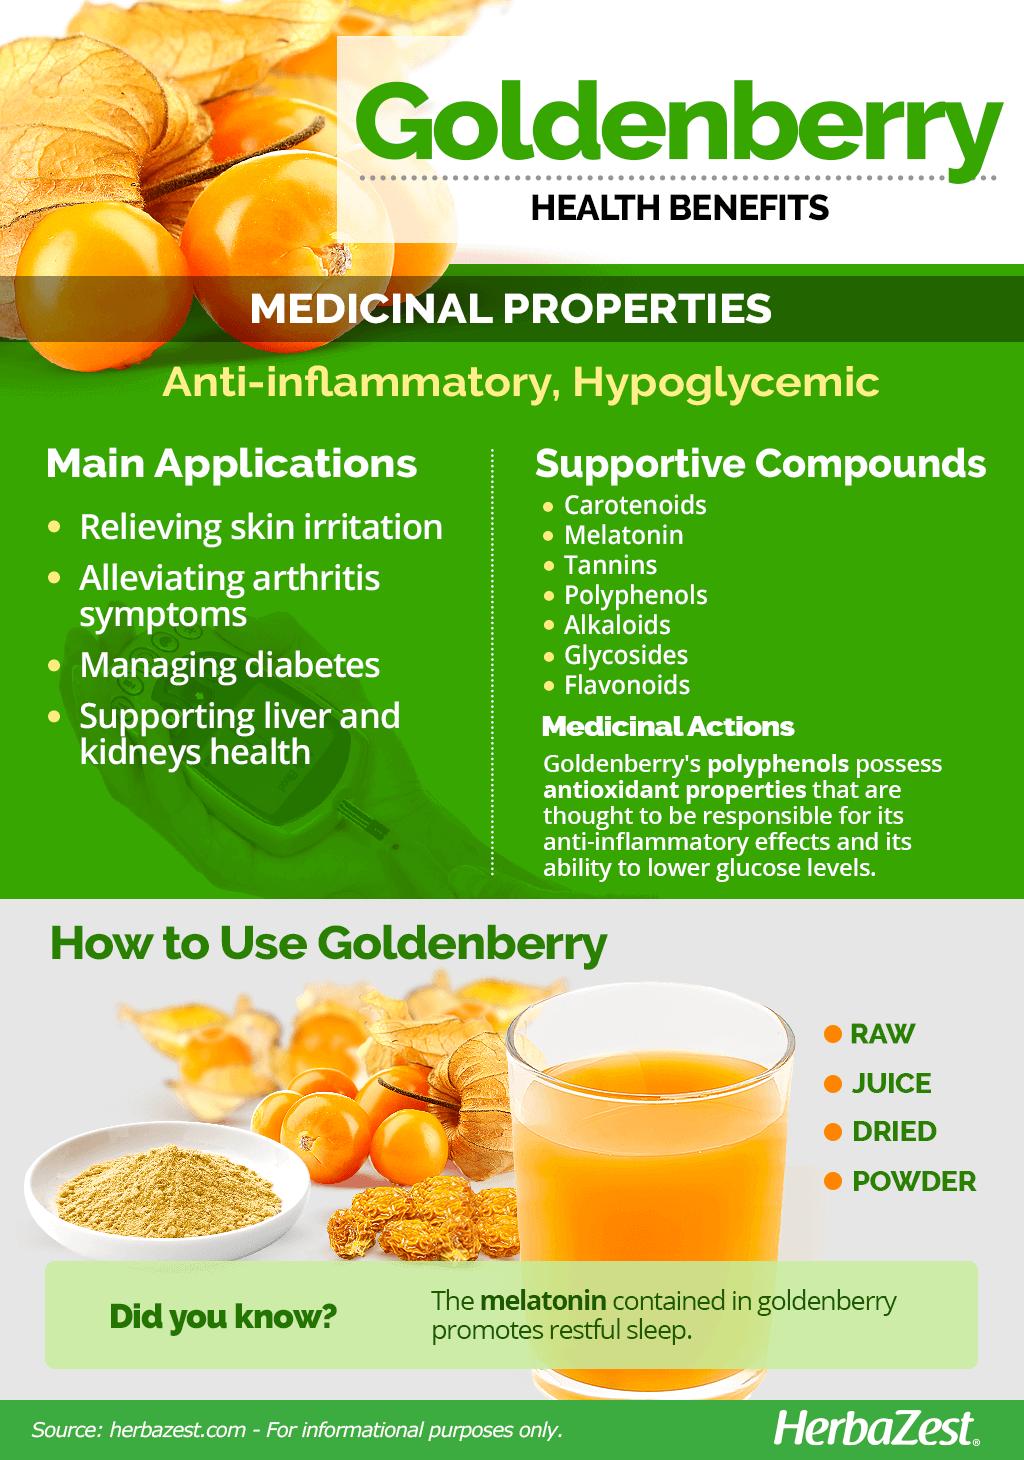 Goldenberry Benefits